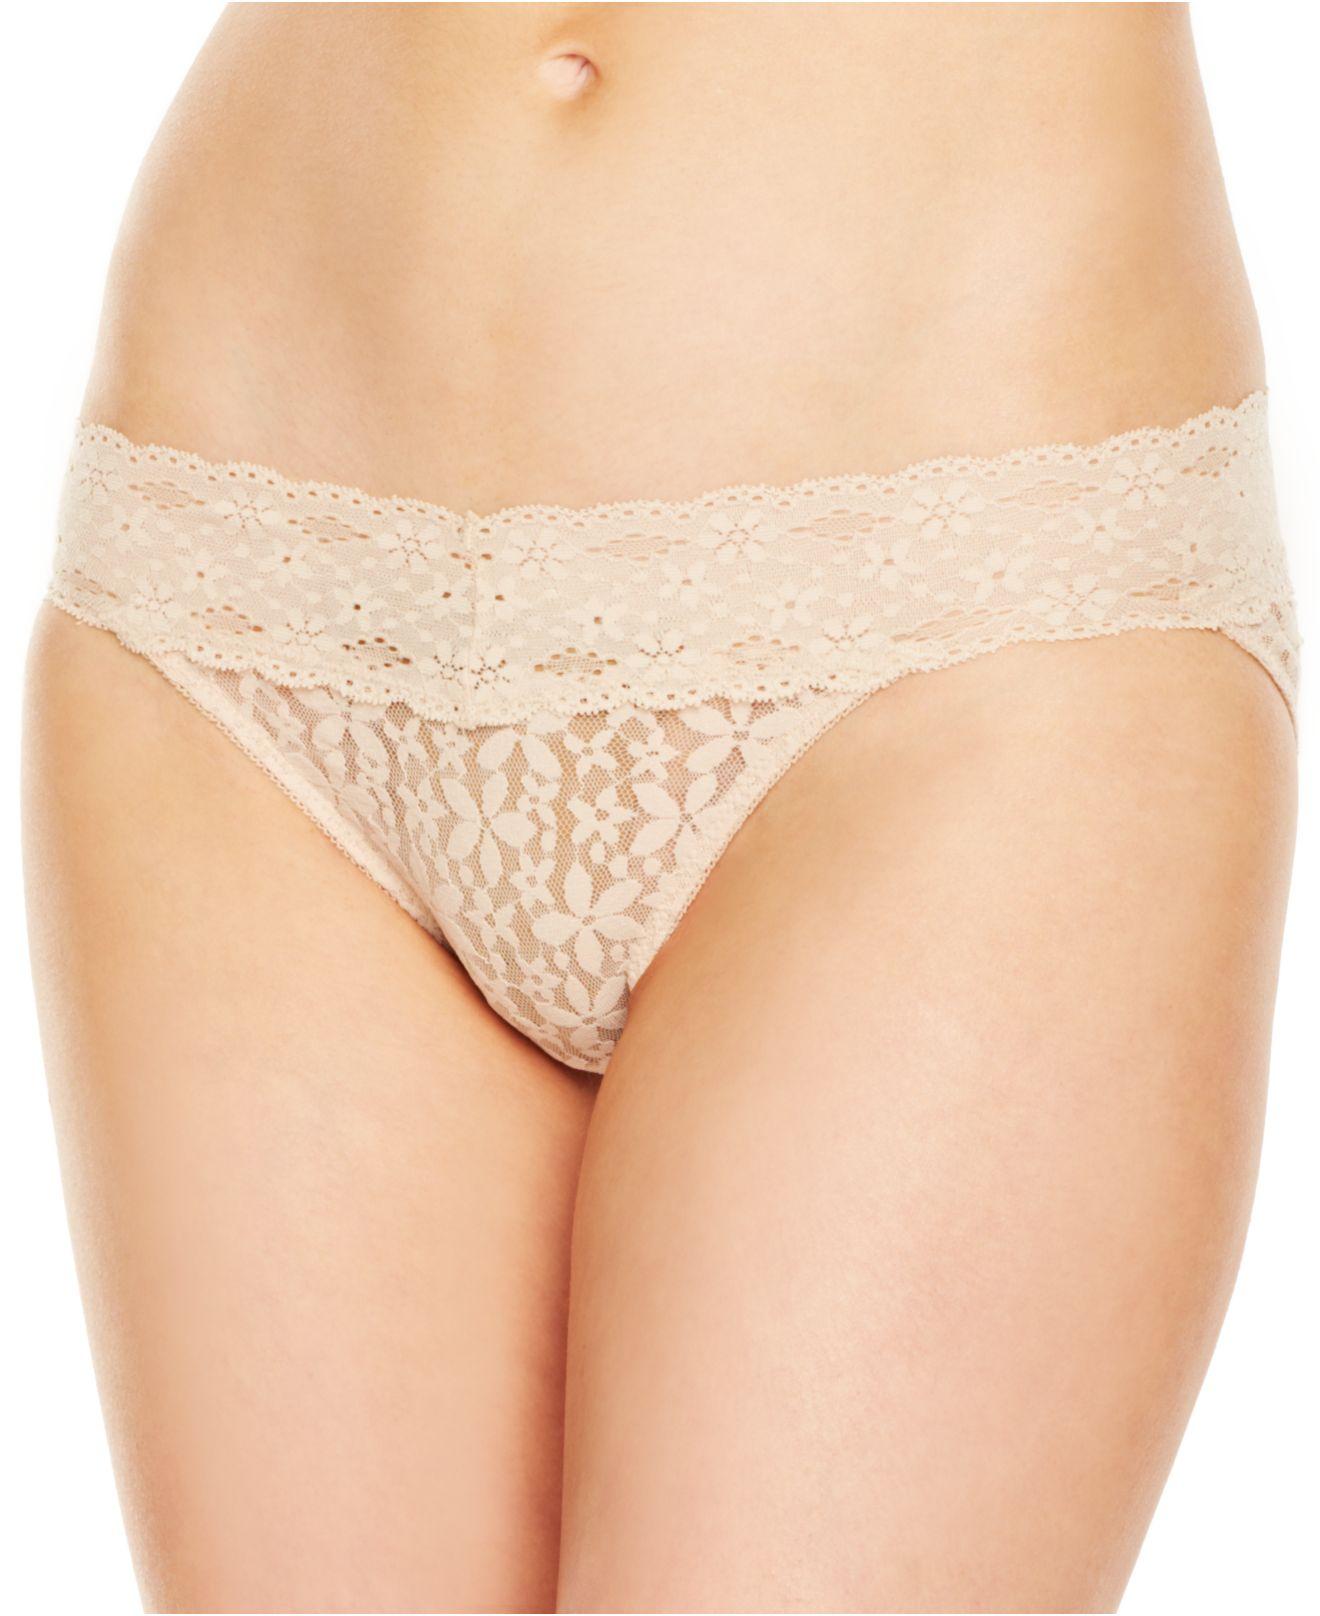 Opinion you Halo lace bikini panty wacoal sounds tempting